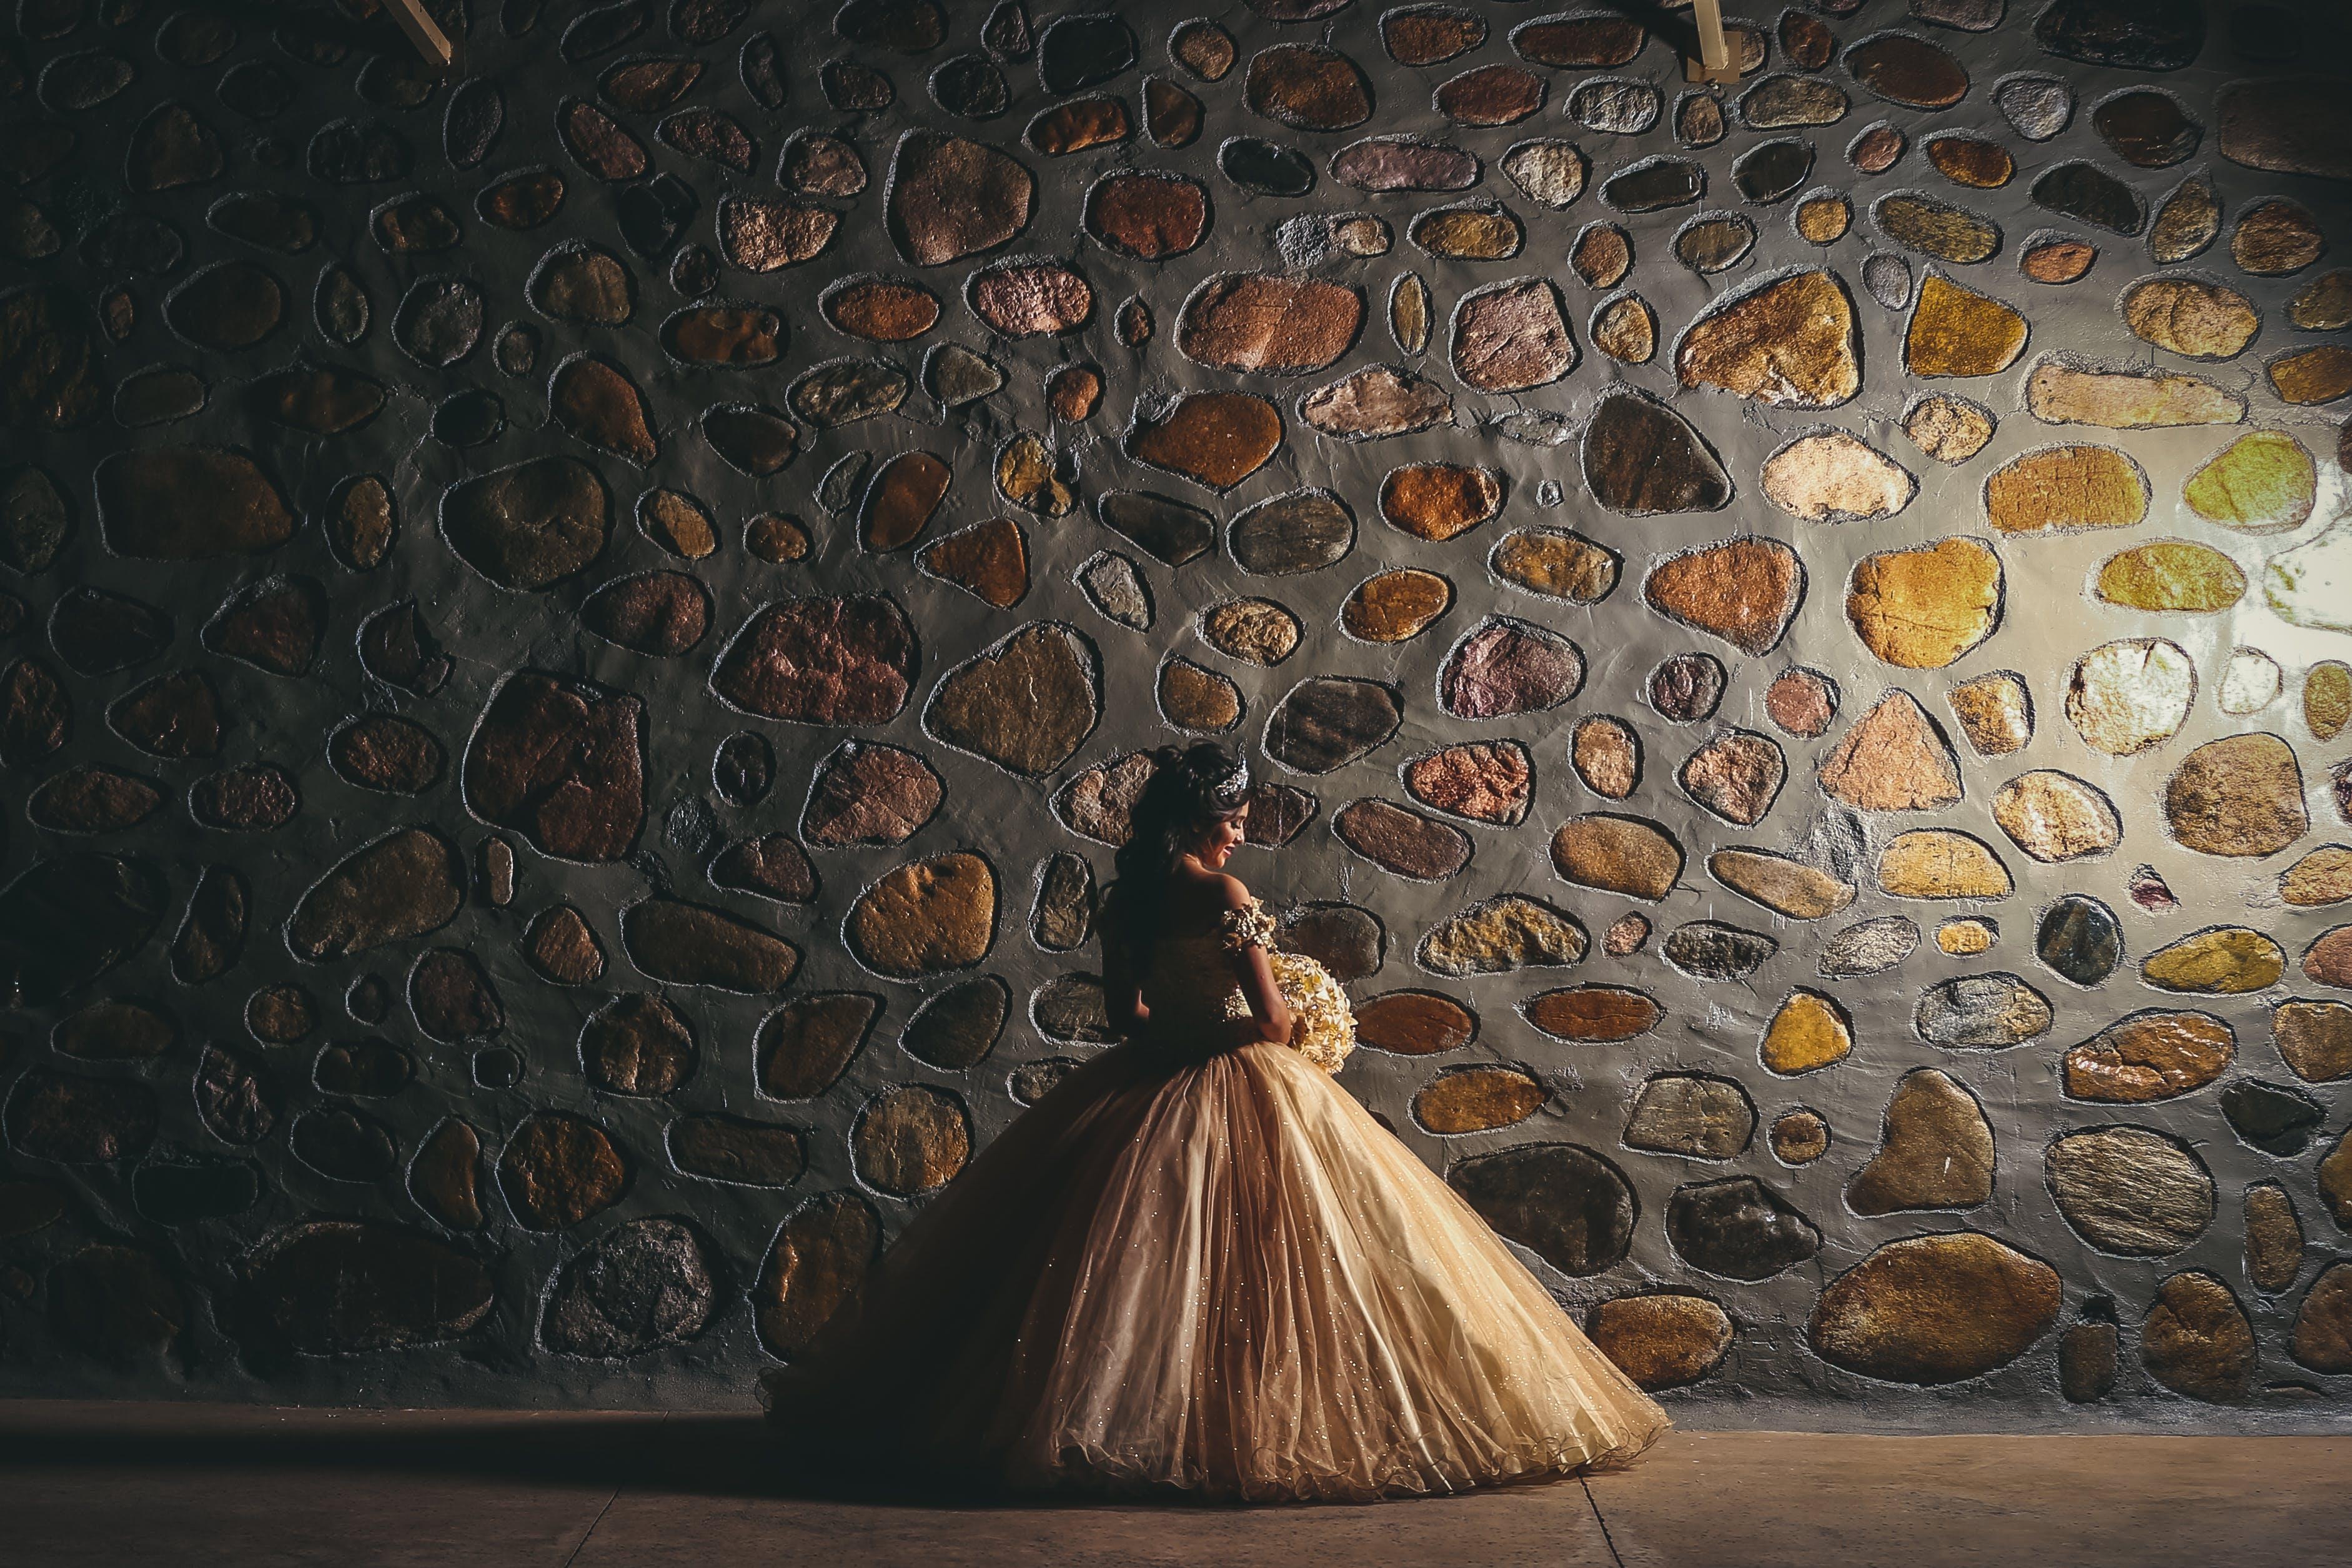 Δωρεάν στοκ φωτογραφιών με holidng, γαμήλια τελετή, γαμήλιο μπουκέτο, γαμήλιος